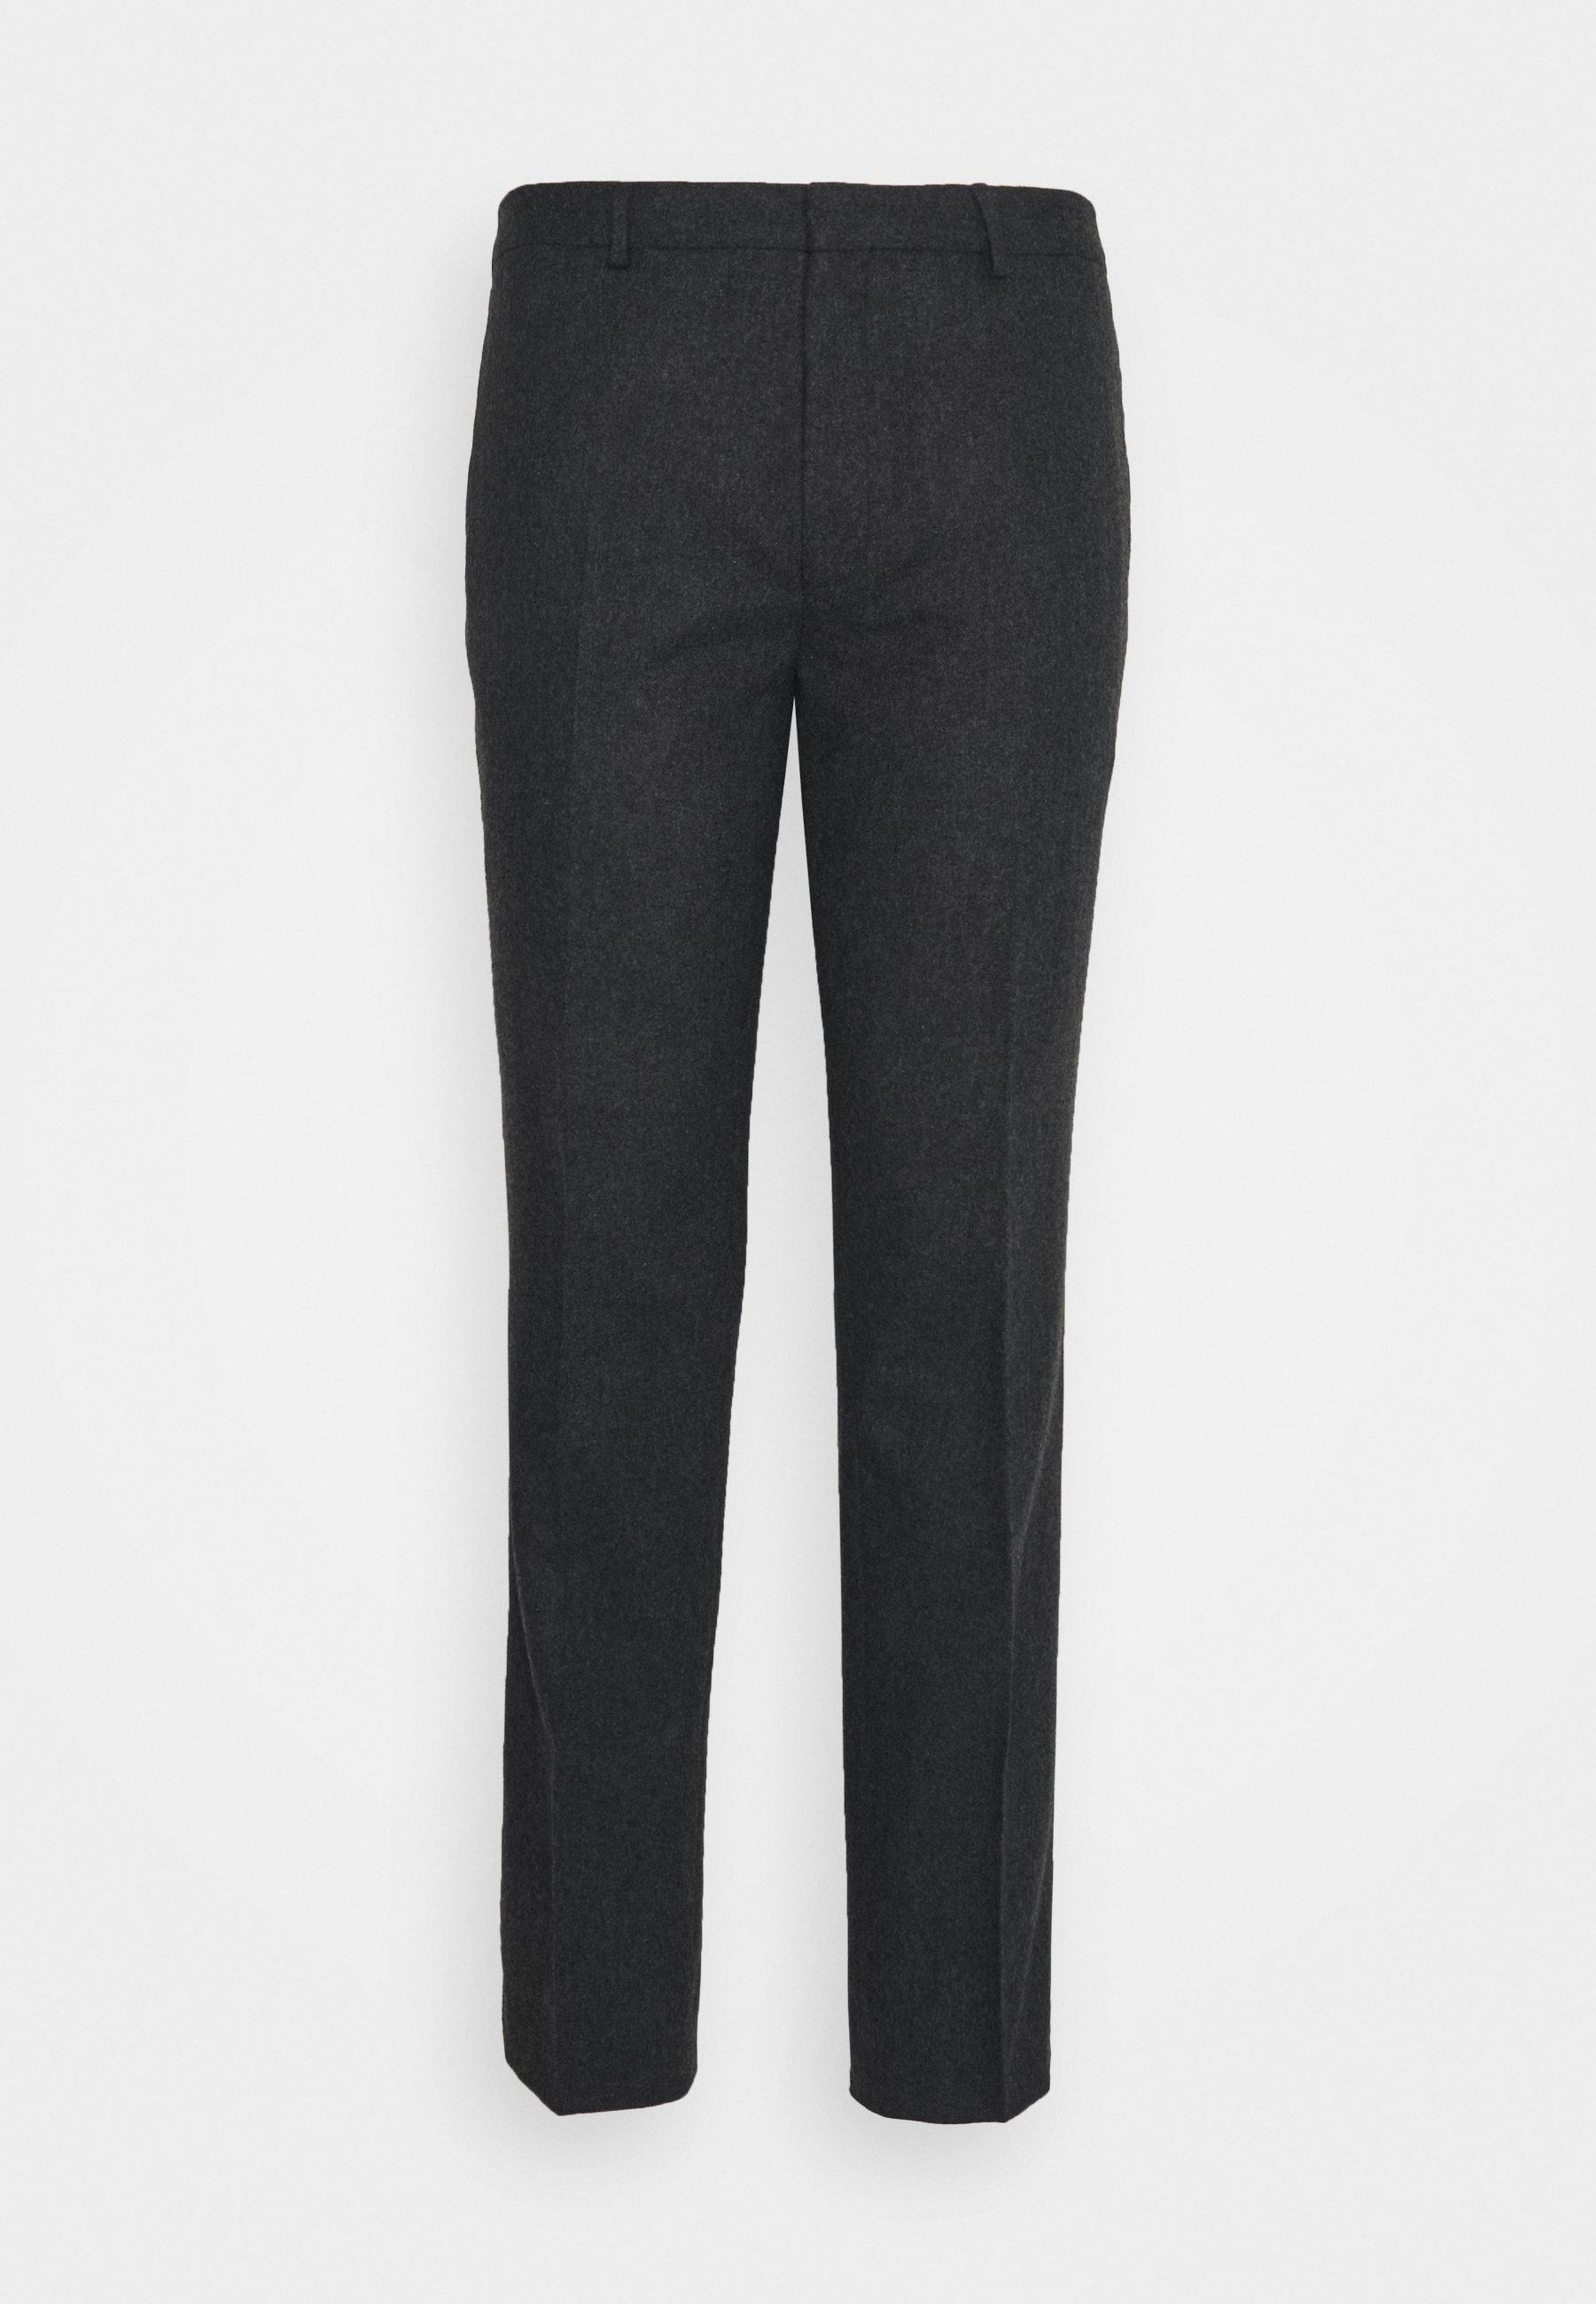 Homme BEMBRIDGE TROUSER - Pantalon classique